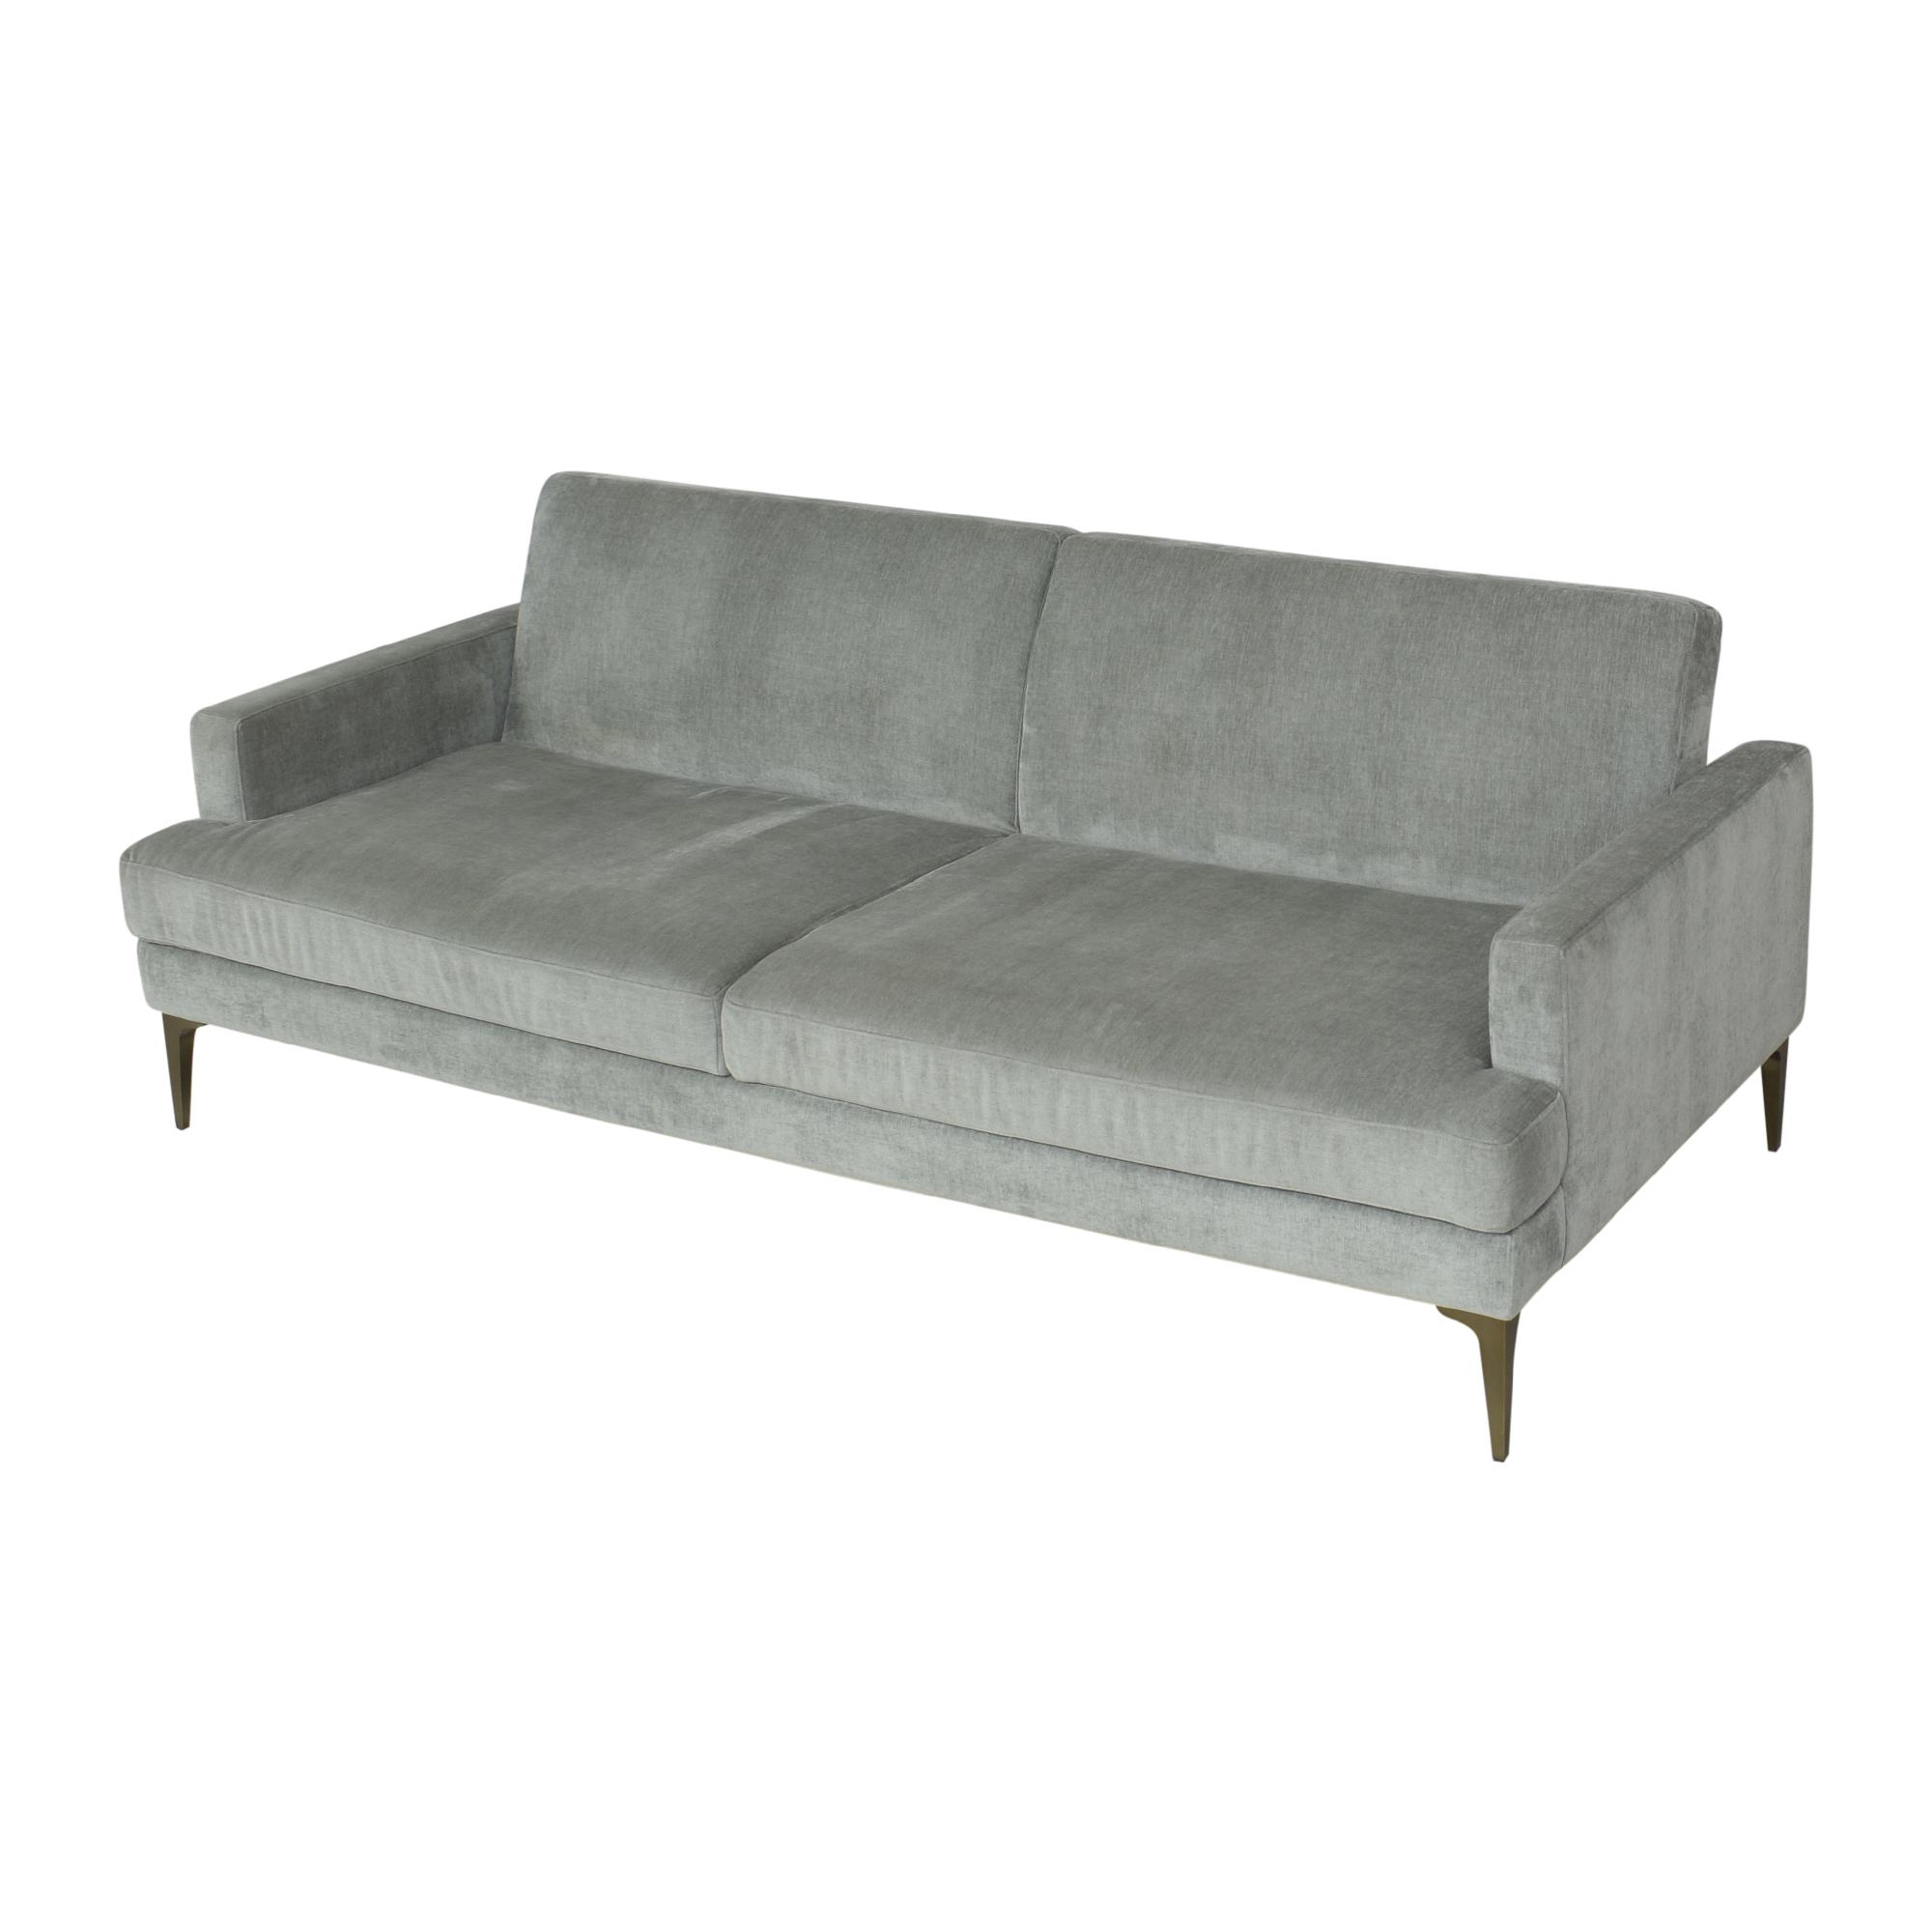 West Elm West Elm Andes Full Futon Sofa Beds